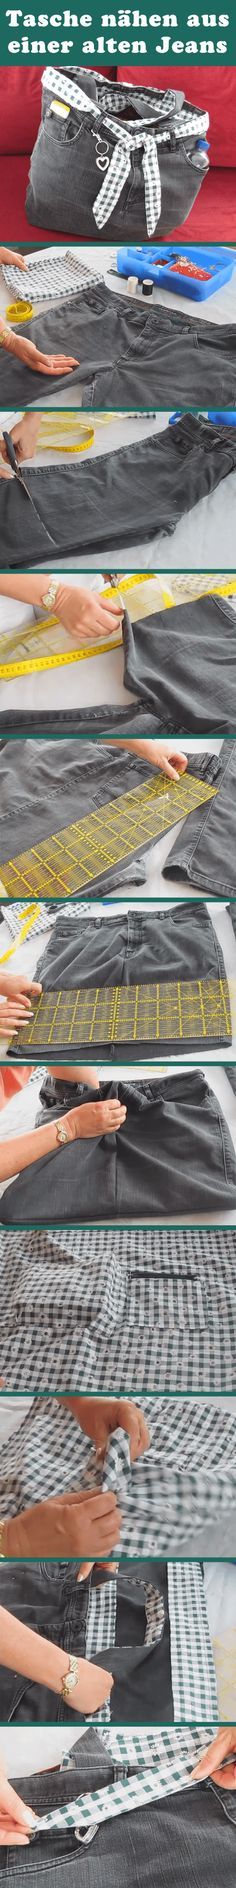 Aus einer alten Jenas kannst Du eine origenelle Tasche nähen. #Upcycling #Cheznu.tv http://cheznu.tv/familymanagement/diy-einfache-tasche-naehen-aus-einer-alten-jeans-fuer-naehanfaenger/ Mehr